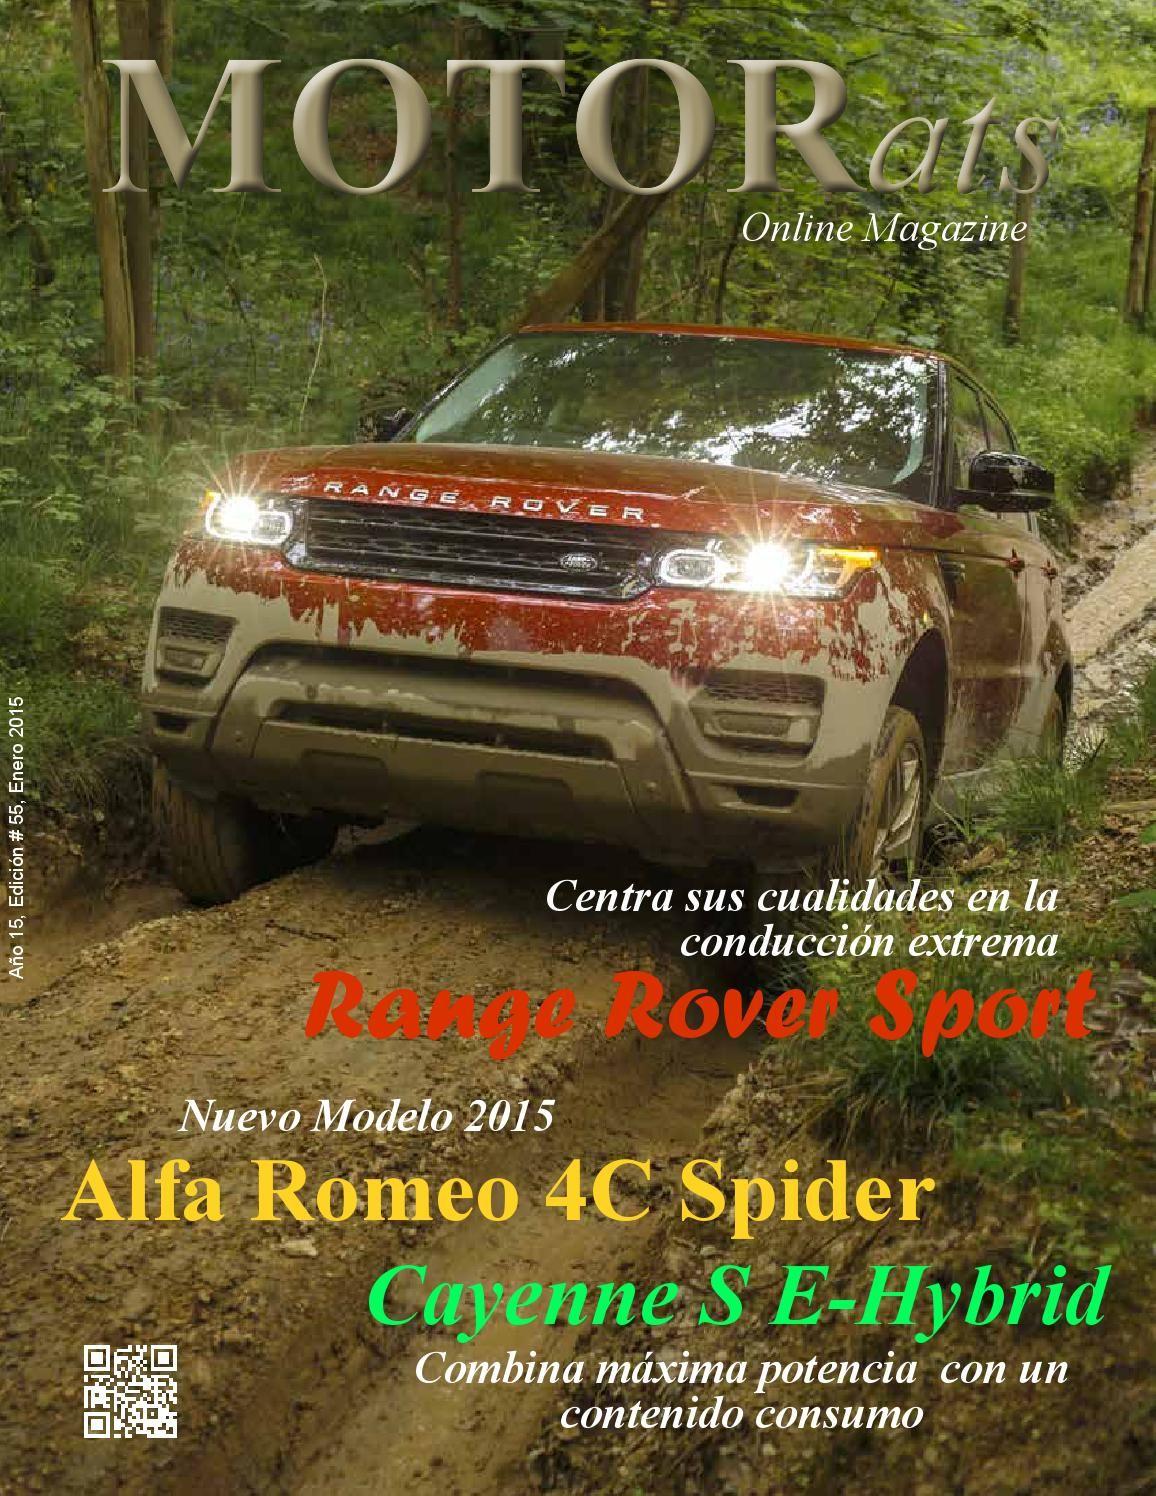 Motorats Online Magazine # 55  Revista especializada en la industria automotor.